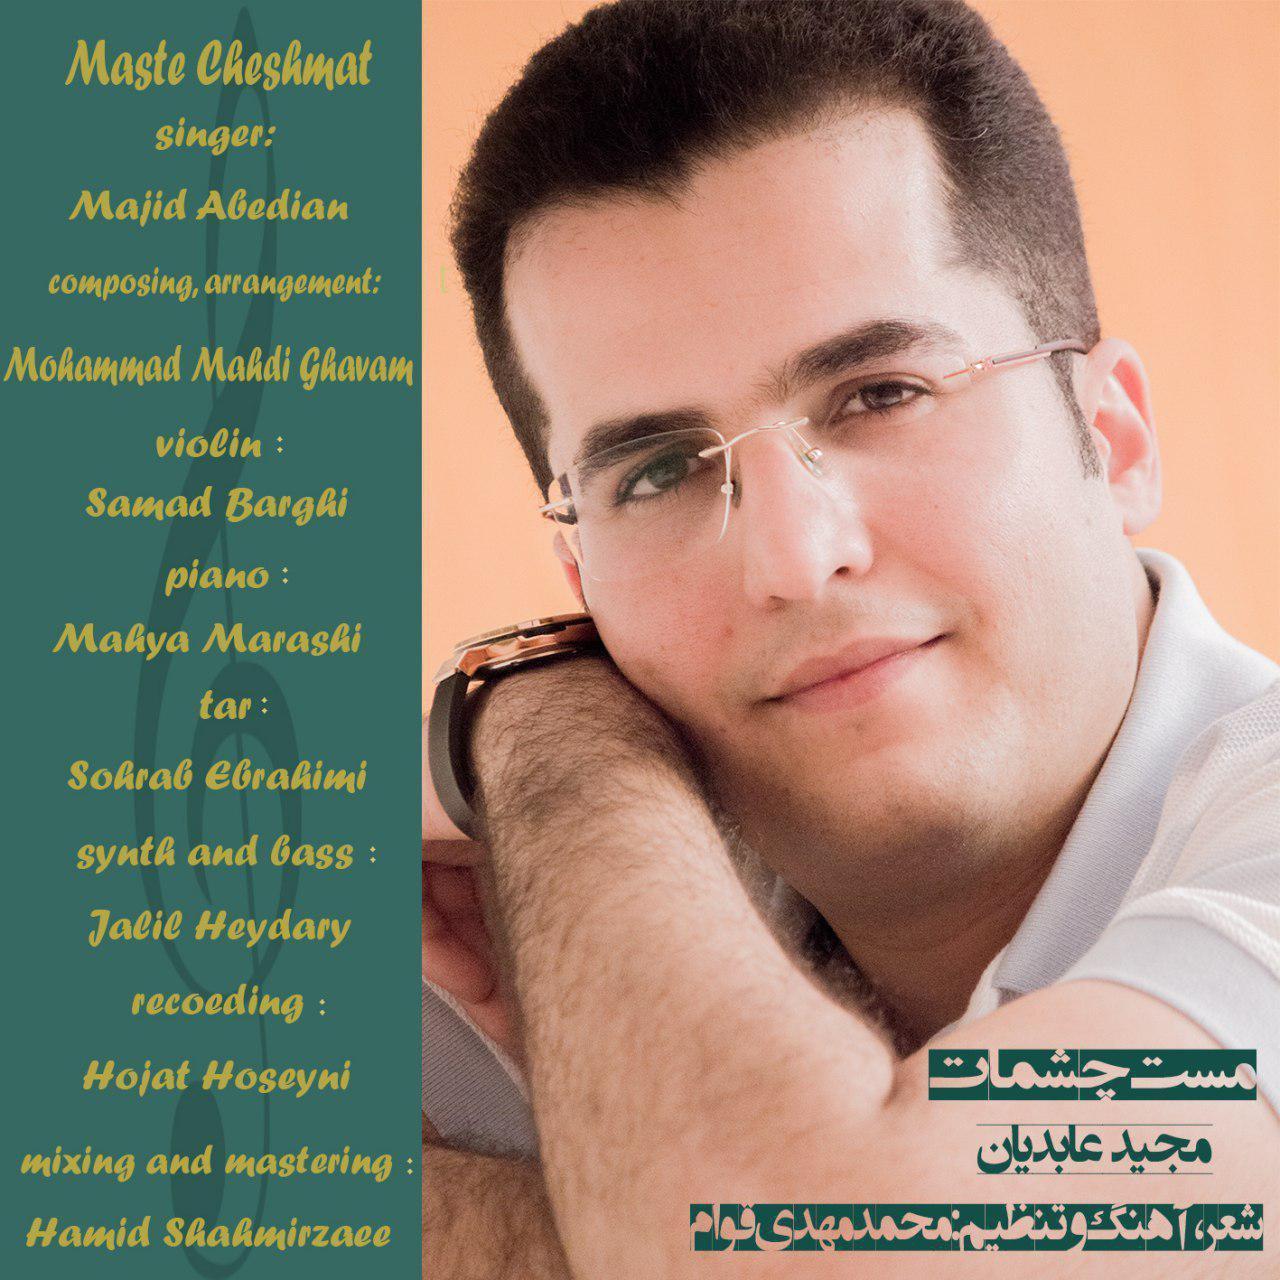 Majid Abediyan – Maste Cheshmat